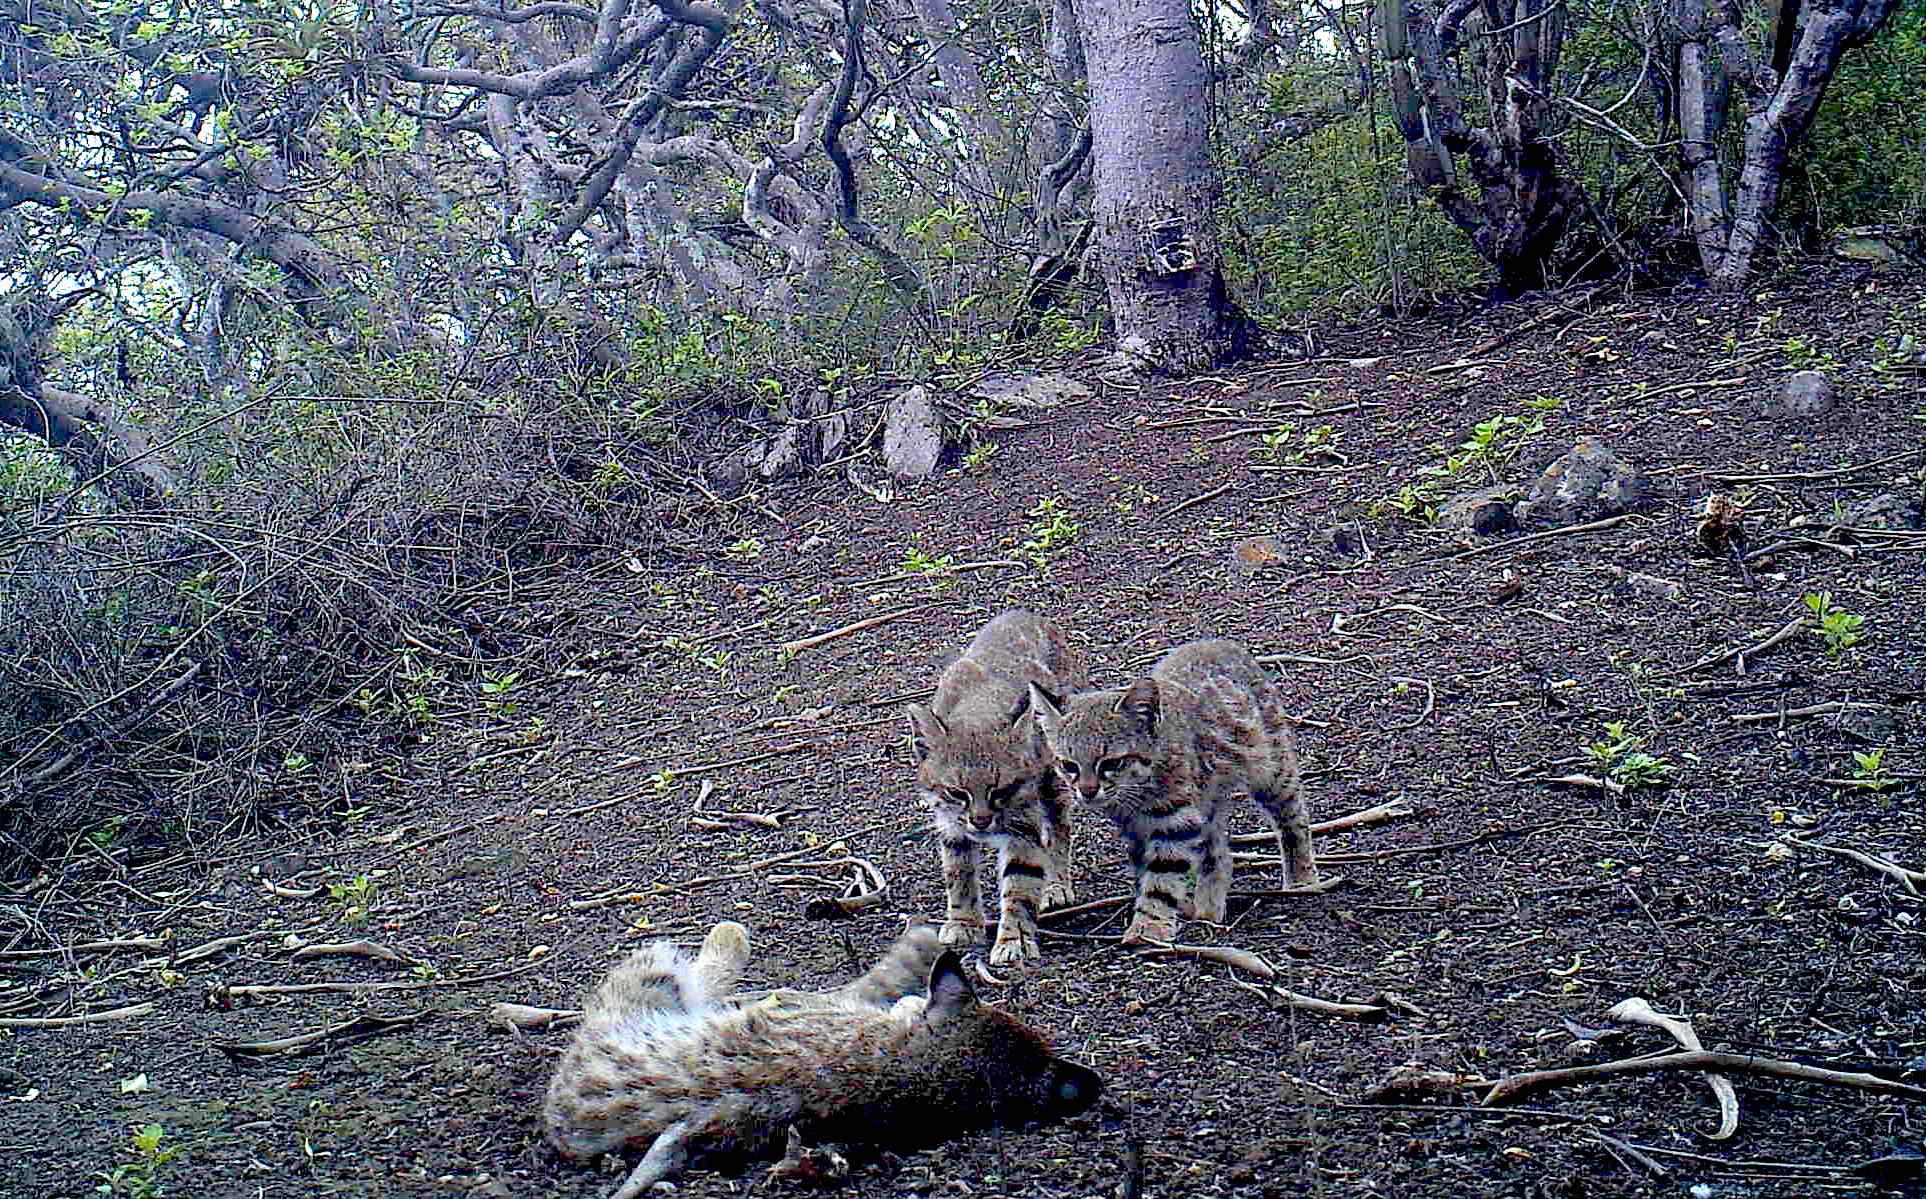 Sesenta cámaras trampa se colocaron en Laquipampa para monitorear la fauna del lugar. Foto: SBC Perú.